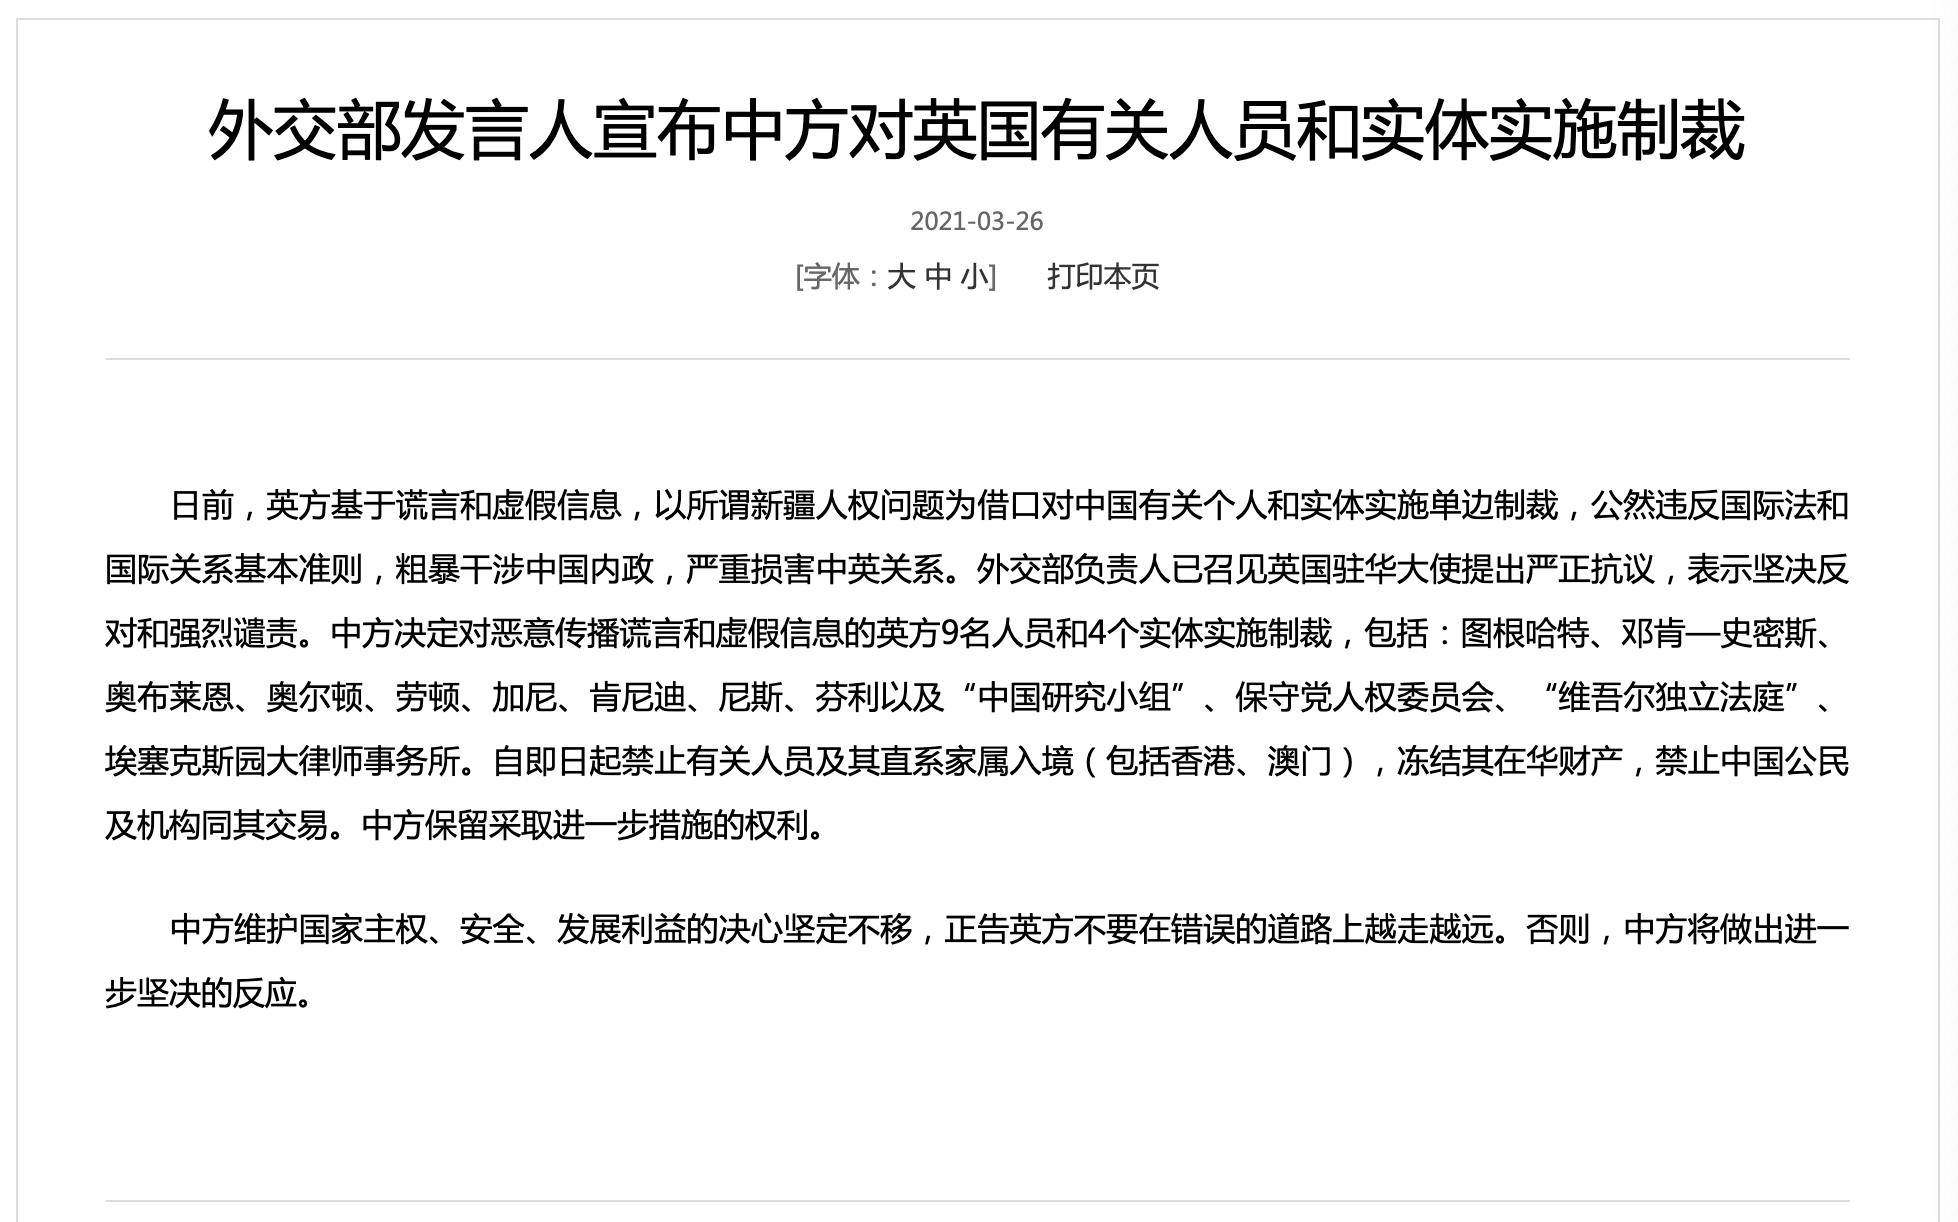 视频 再出手制裁9人4机构 中国想要告诉英国什么?图片